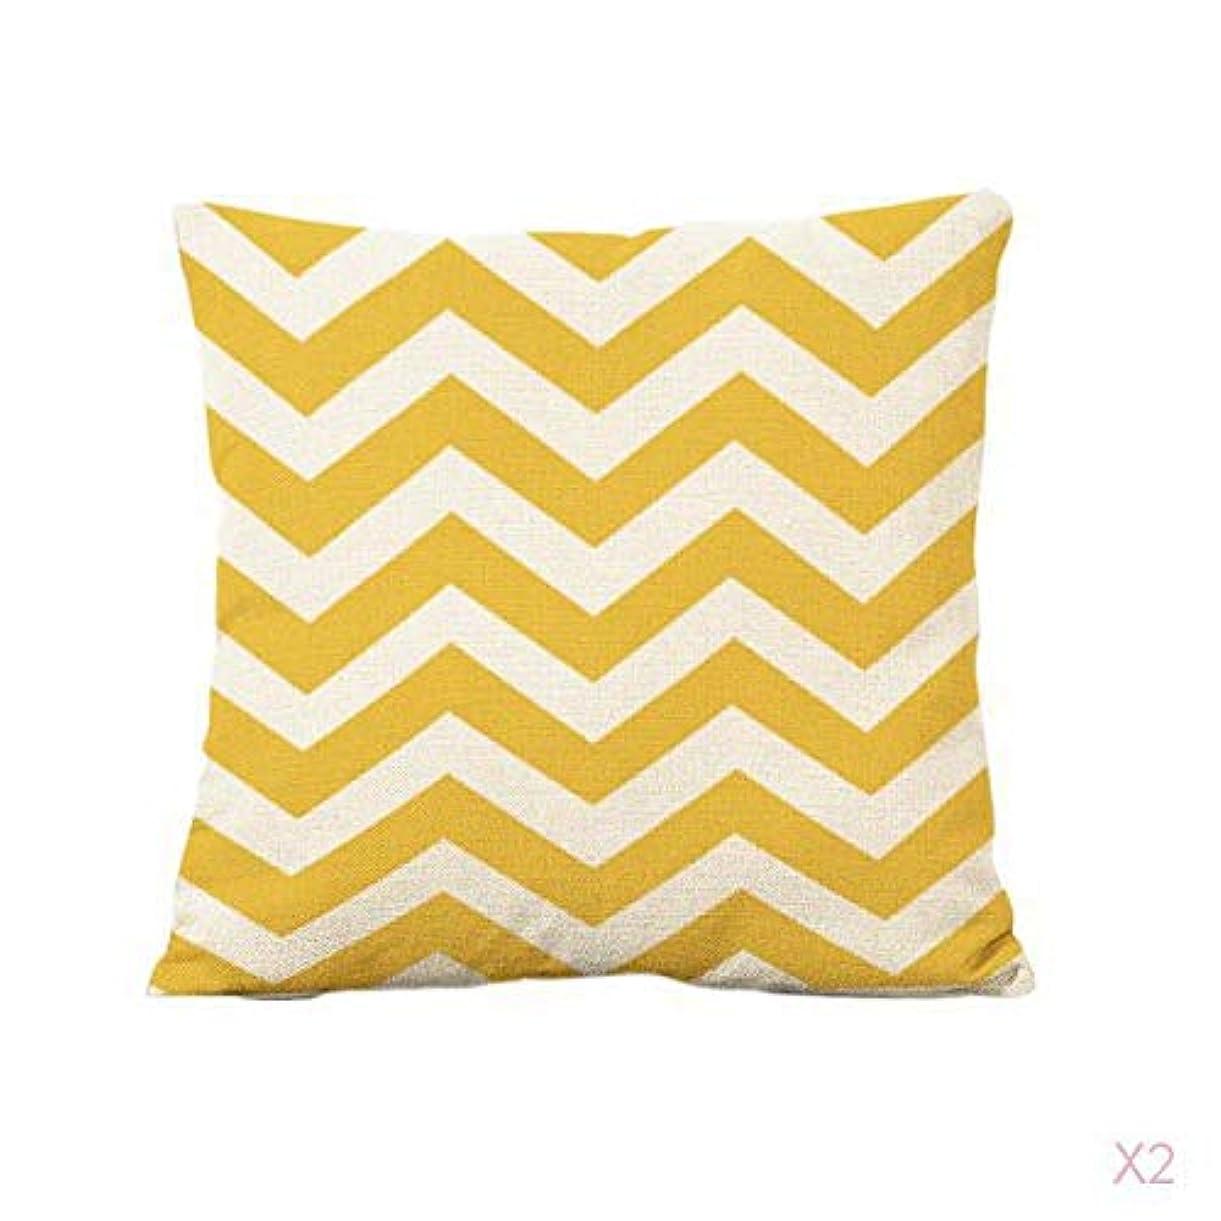 はげホールド暗記するFLAMEER 黄色のホームオフィスのソファの装飾波ストライプリネン枕カバークッションカバー